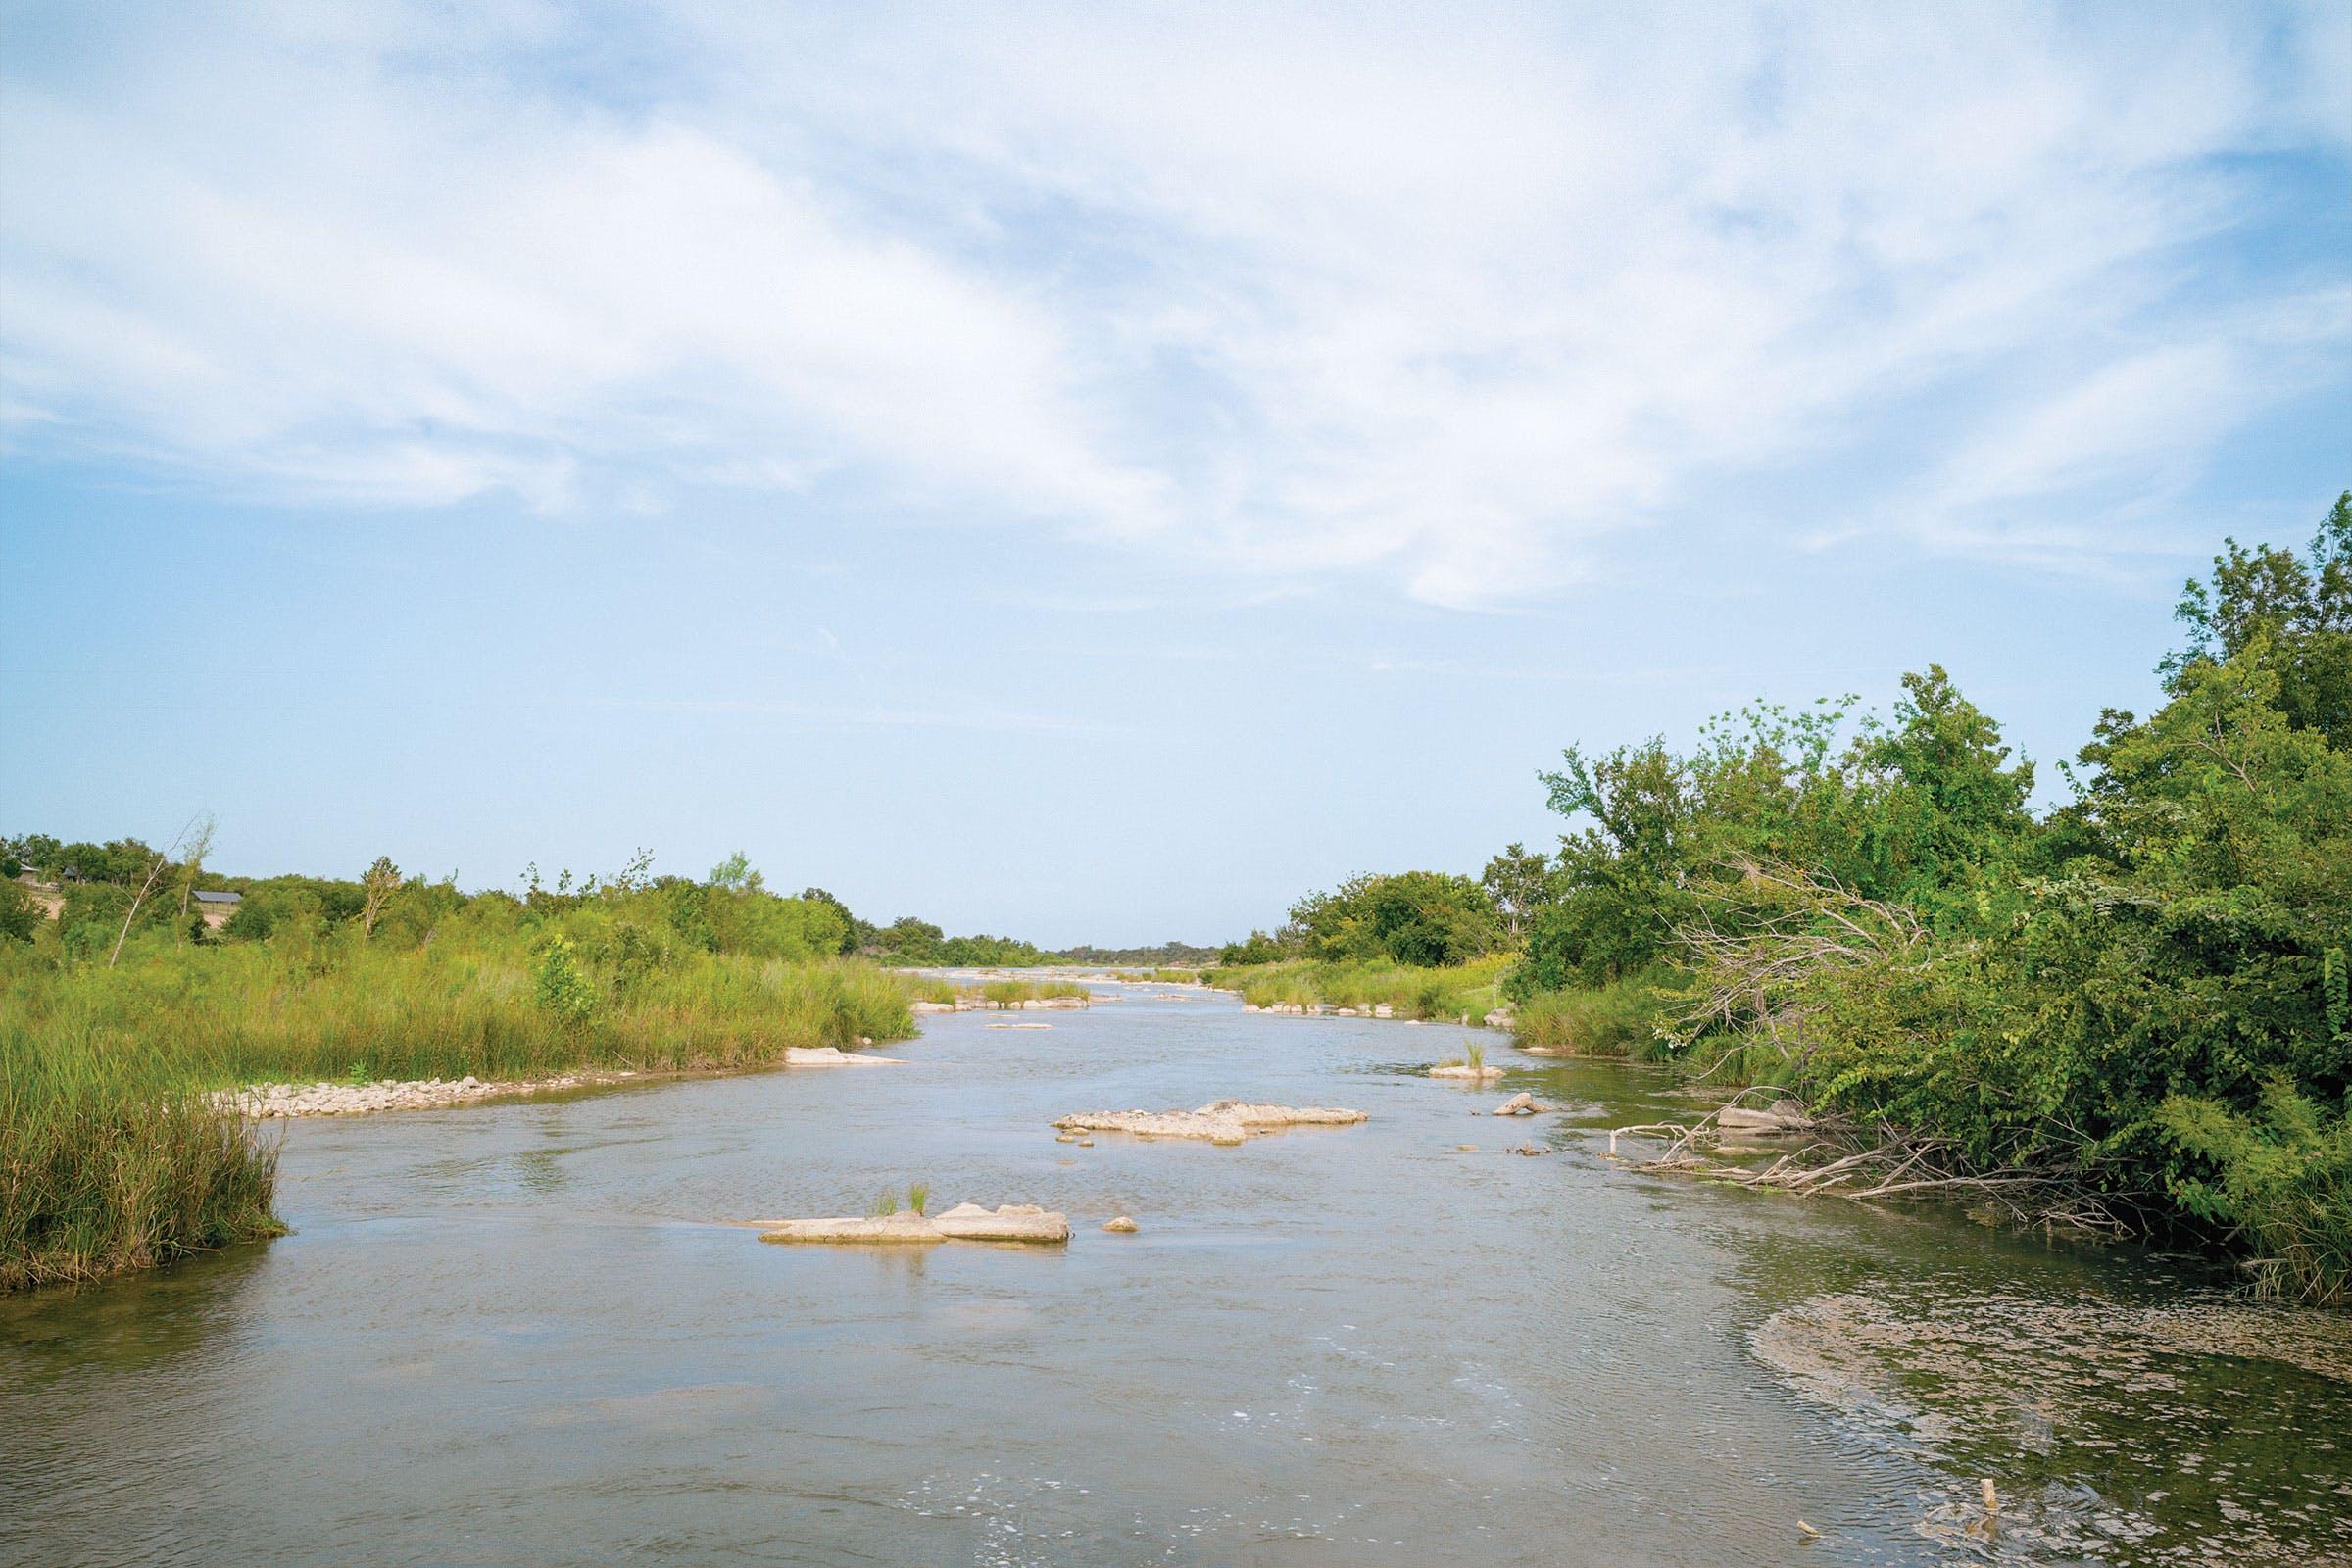 castell-llano-river